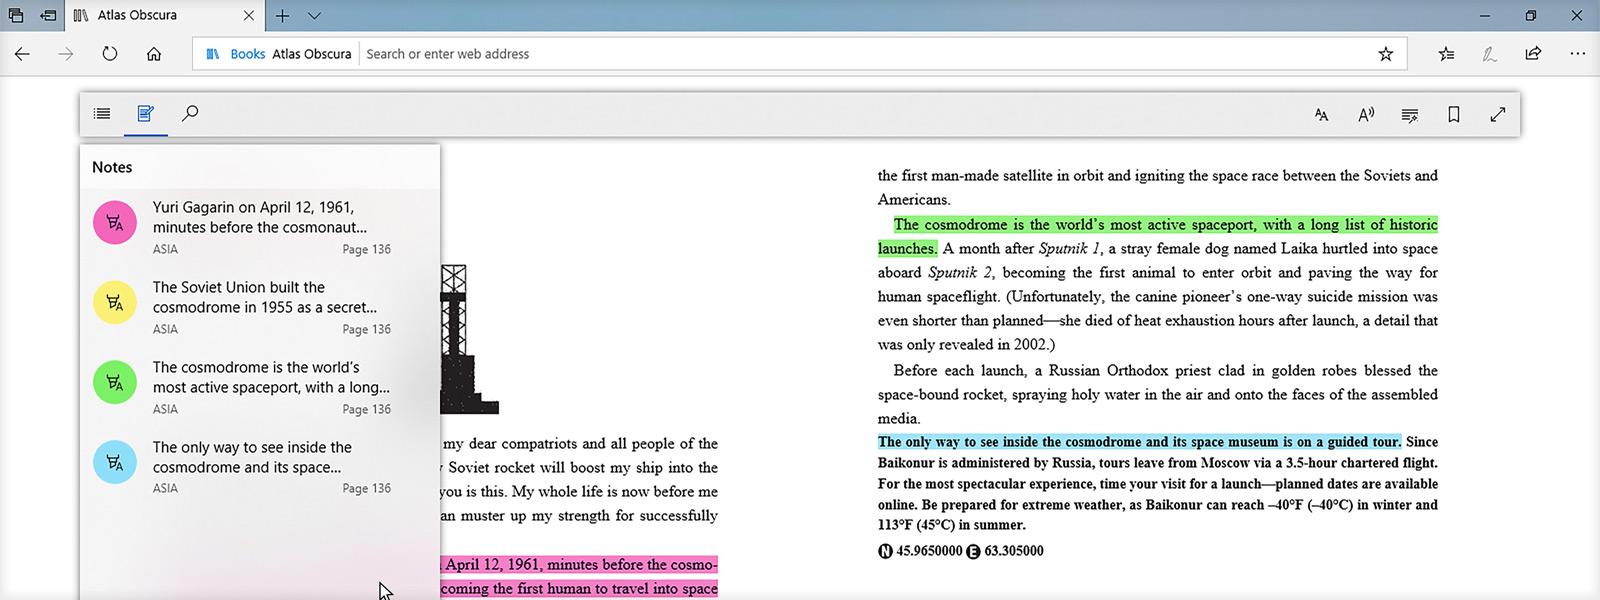 Microsoft Edge 内で書籍を読んでいる間にテキストのハイライトを示す画像